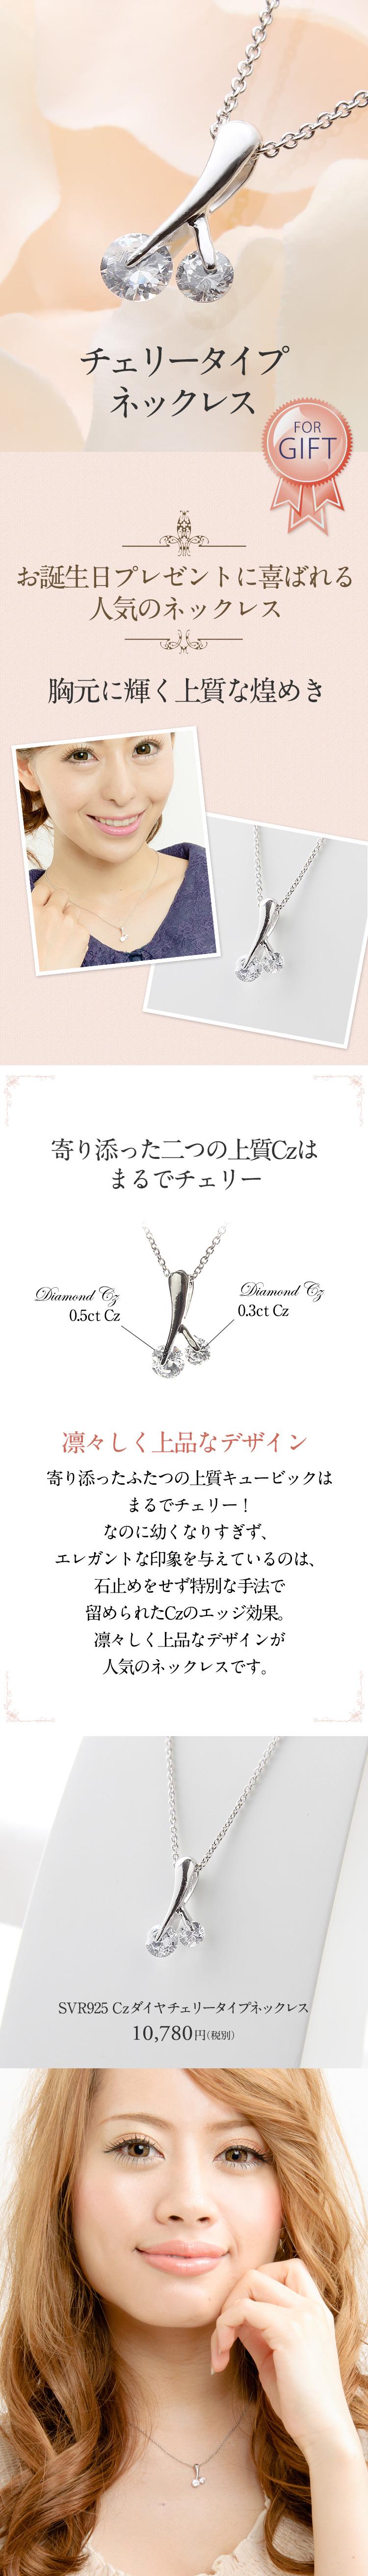 SVR925★Czダイヤ チェリータイプネックレス